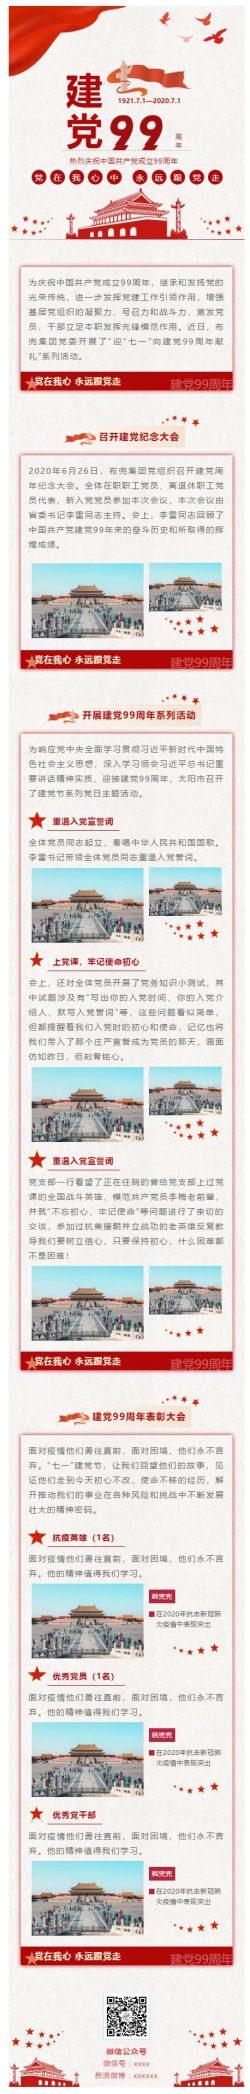 中国共产党成立99周年党建节微信模板公众号文章素材推送图文推文